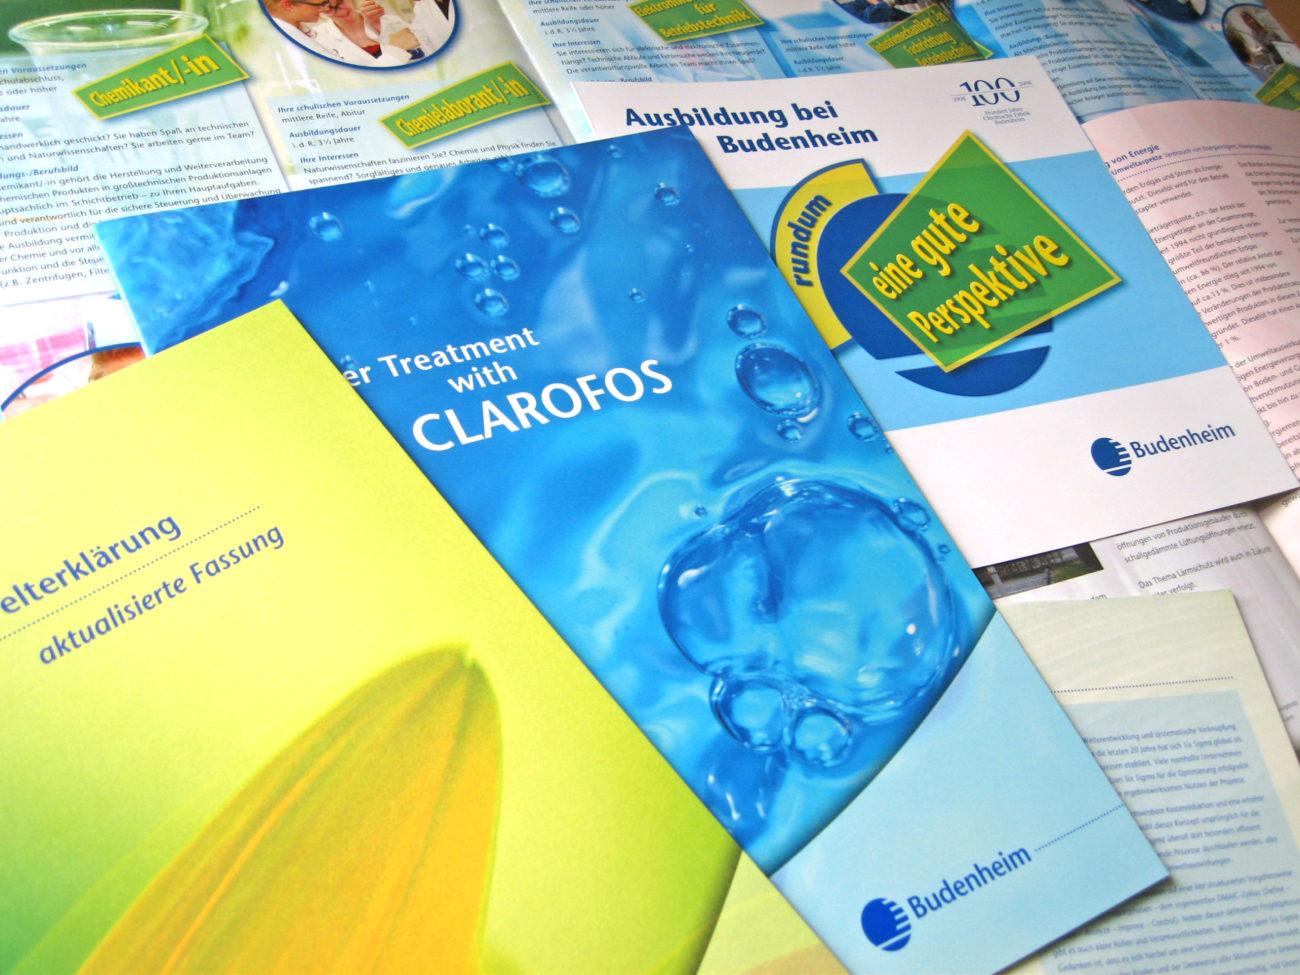 Verschiedene Broschürendesigns für Budenheim